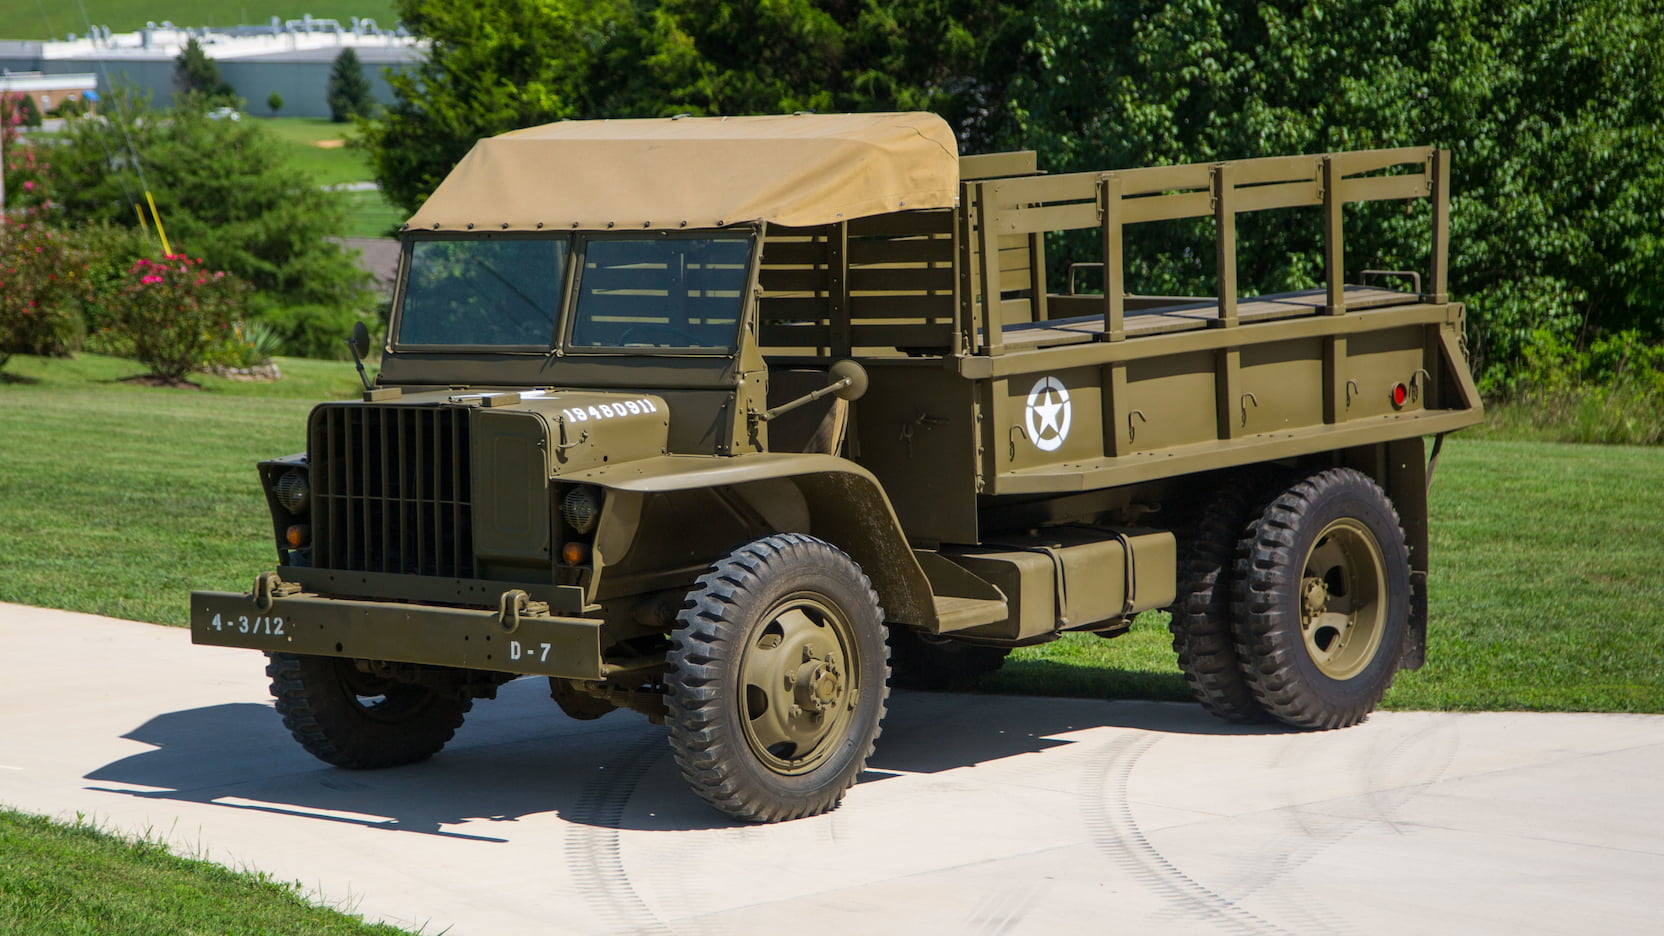 Ford Burma Jeep GTB-G622 truck